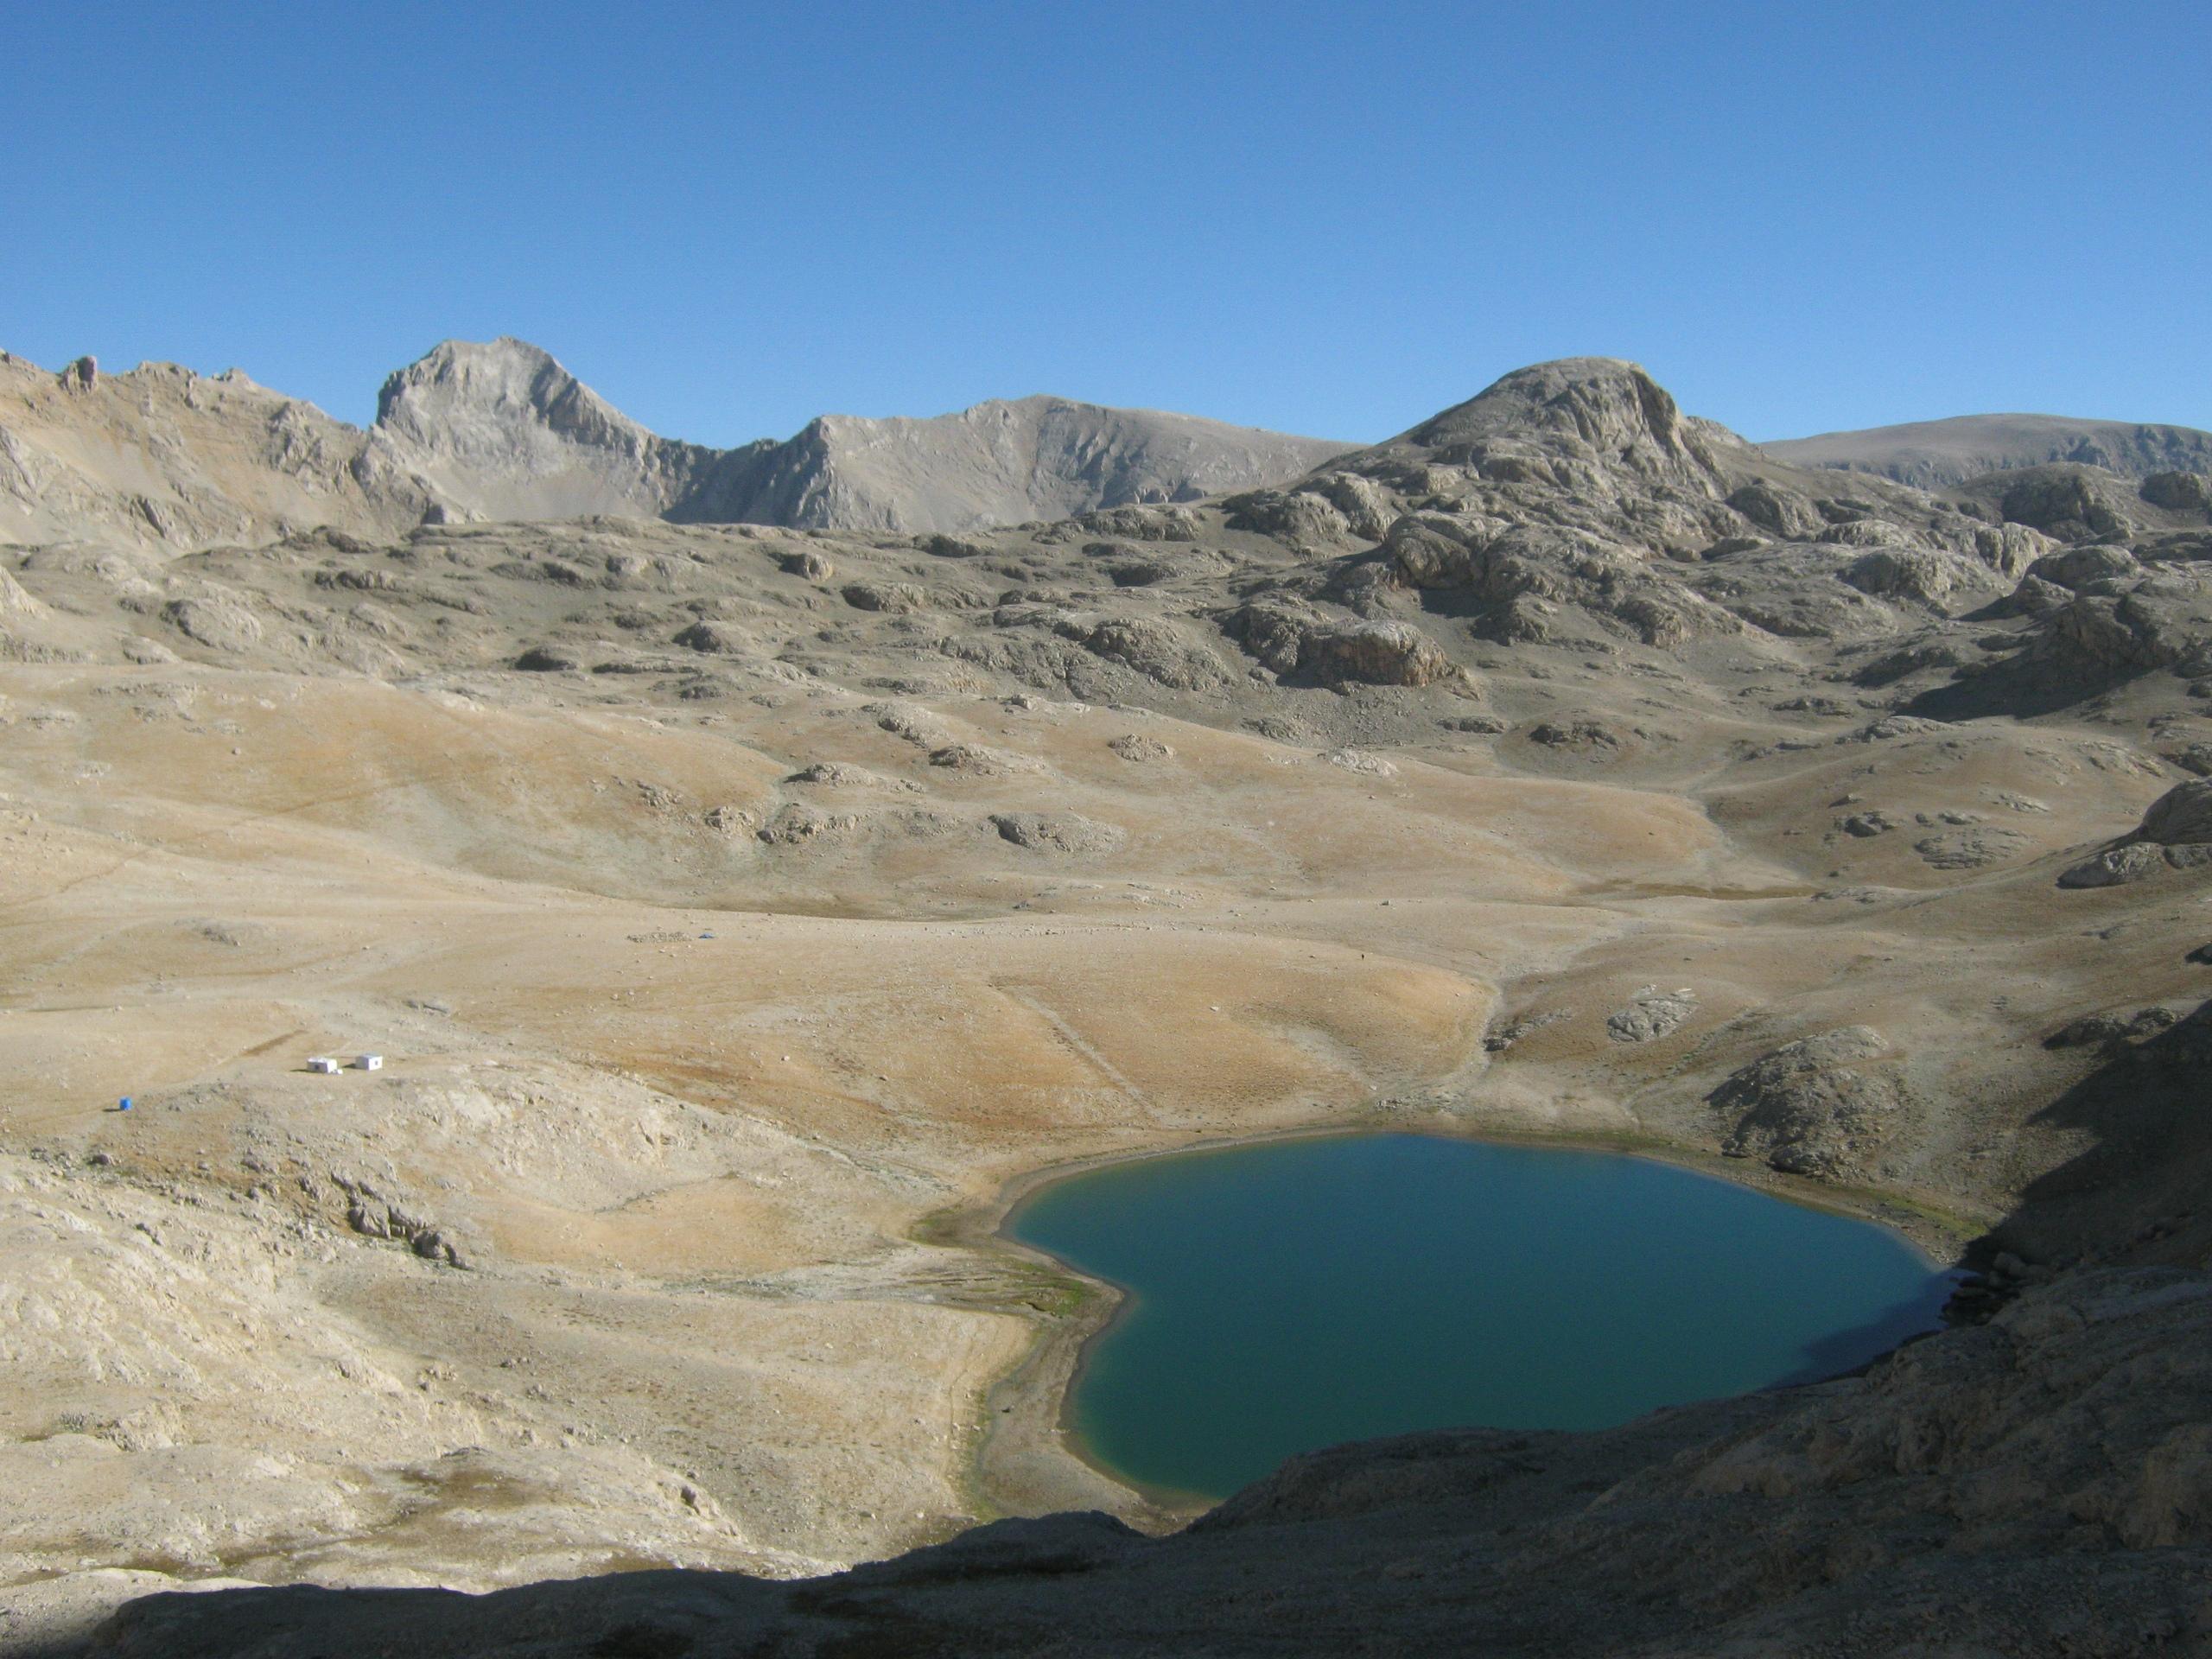 большое озеро на плато Йедигёллер